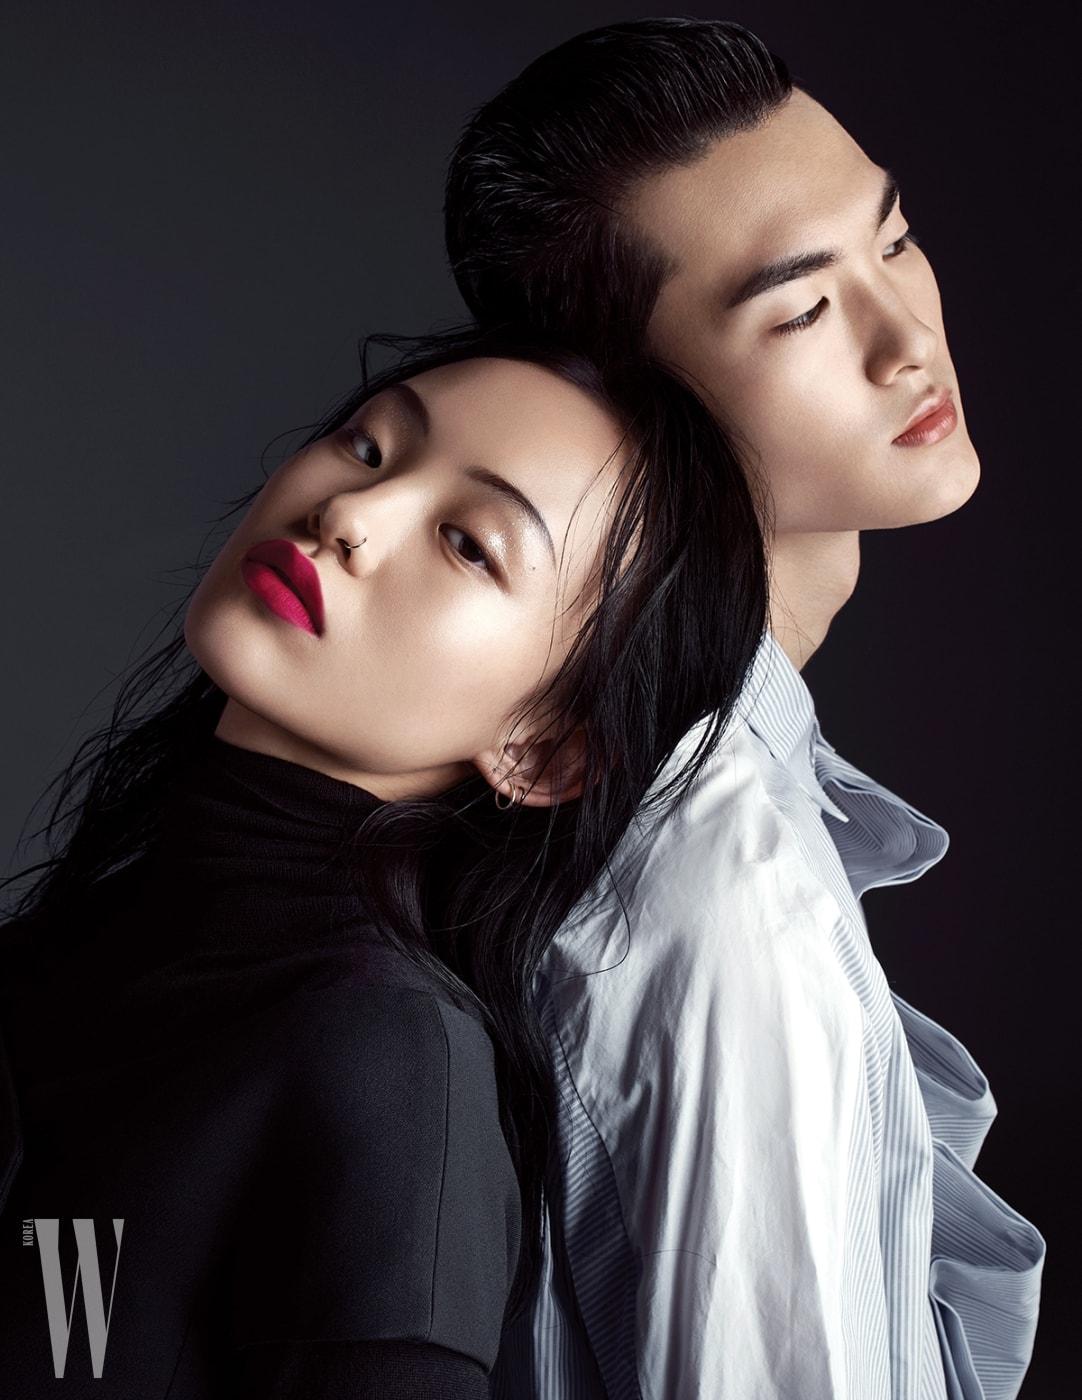 김별이 입은 검은색 터틀넥과 톱은 Dior 제품. 이기현이 입은 스트라이프 셔츠는 Wooyoungmi 제품.